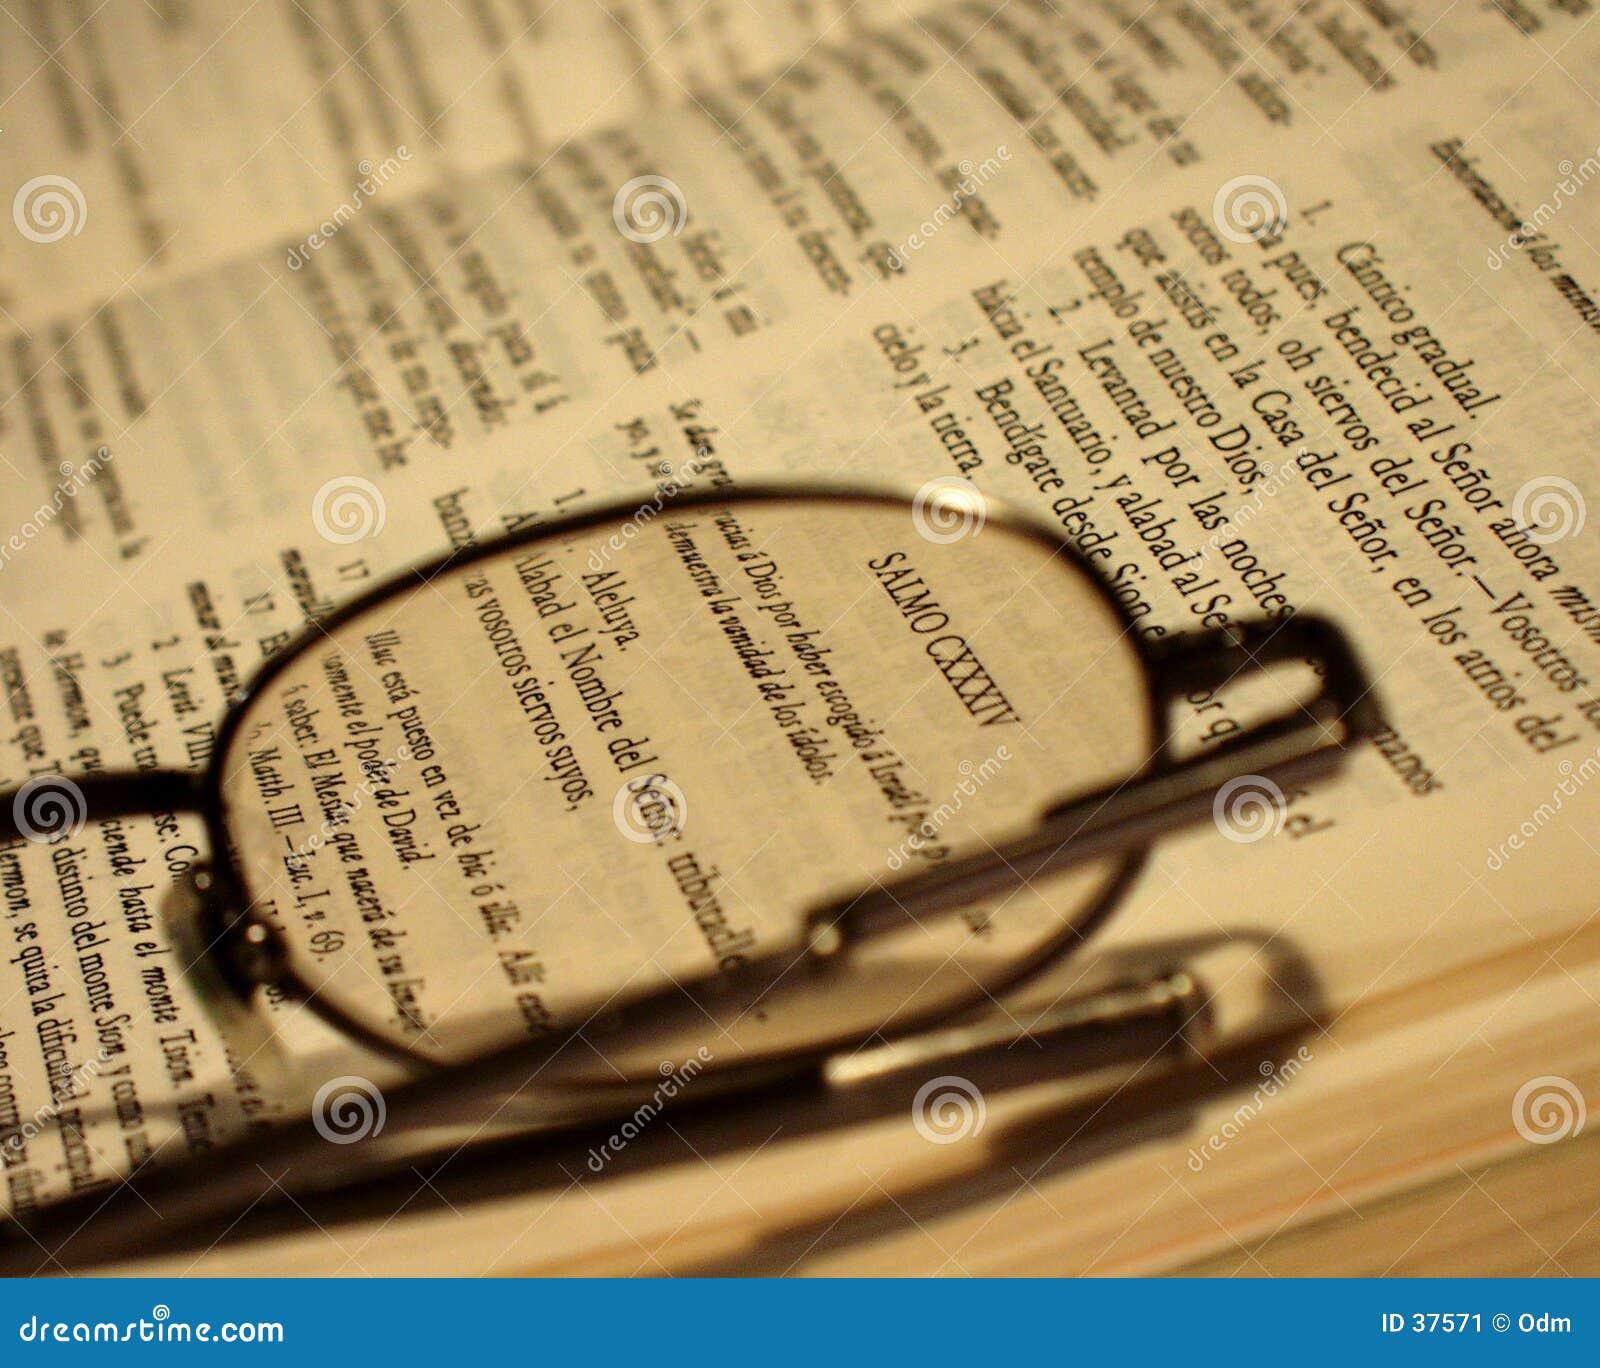 Download Bibel und Gläser stockbild. Bild von berechtigung, kontakt - 37571